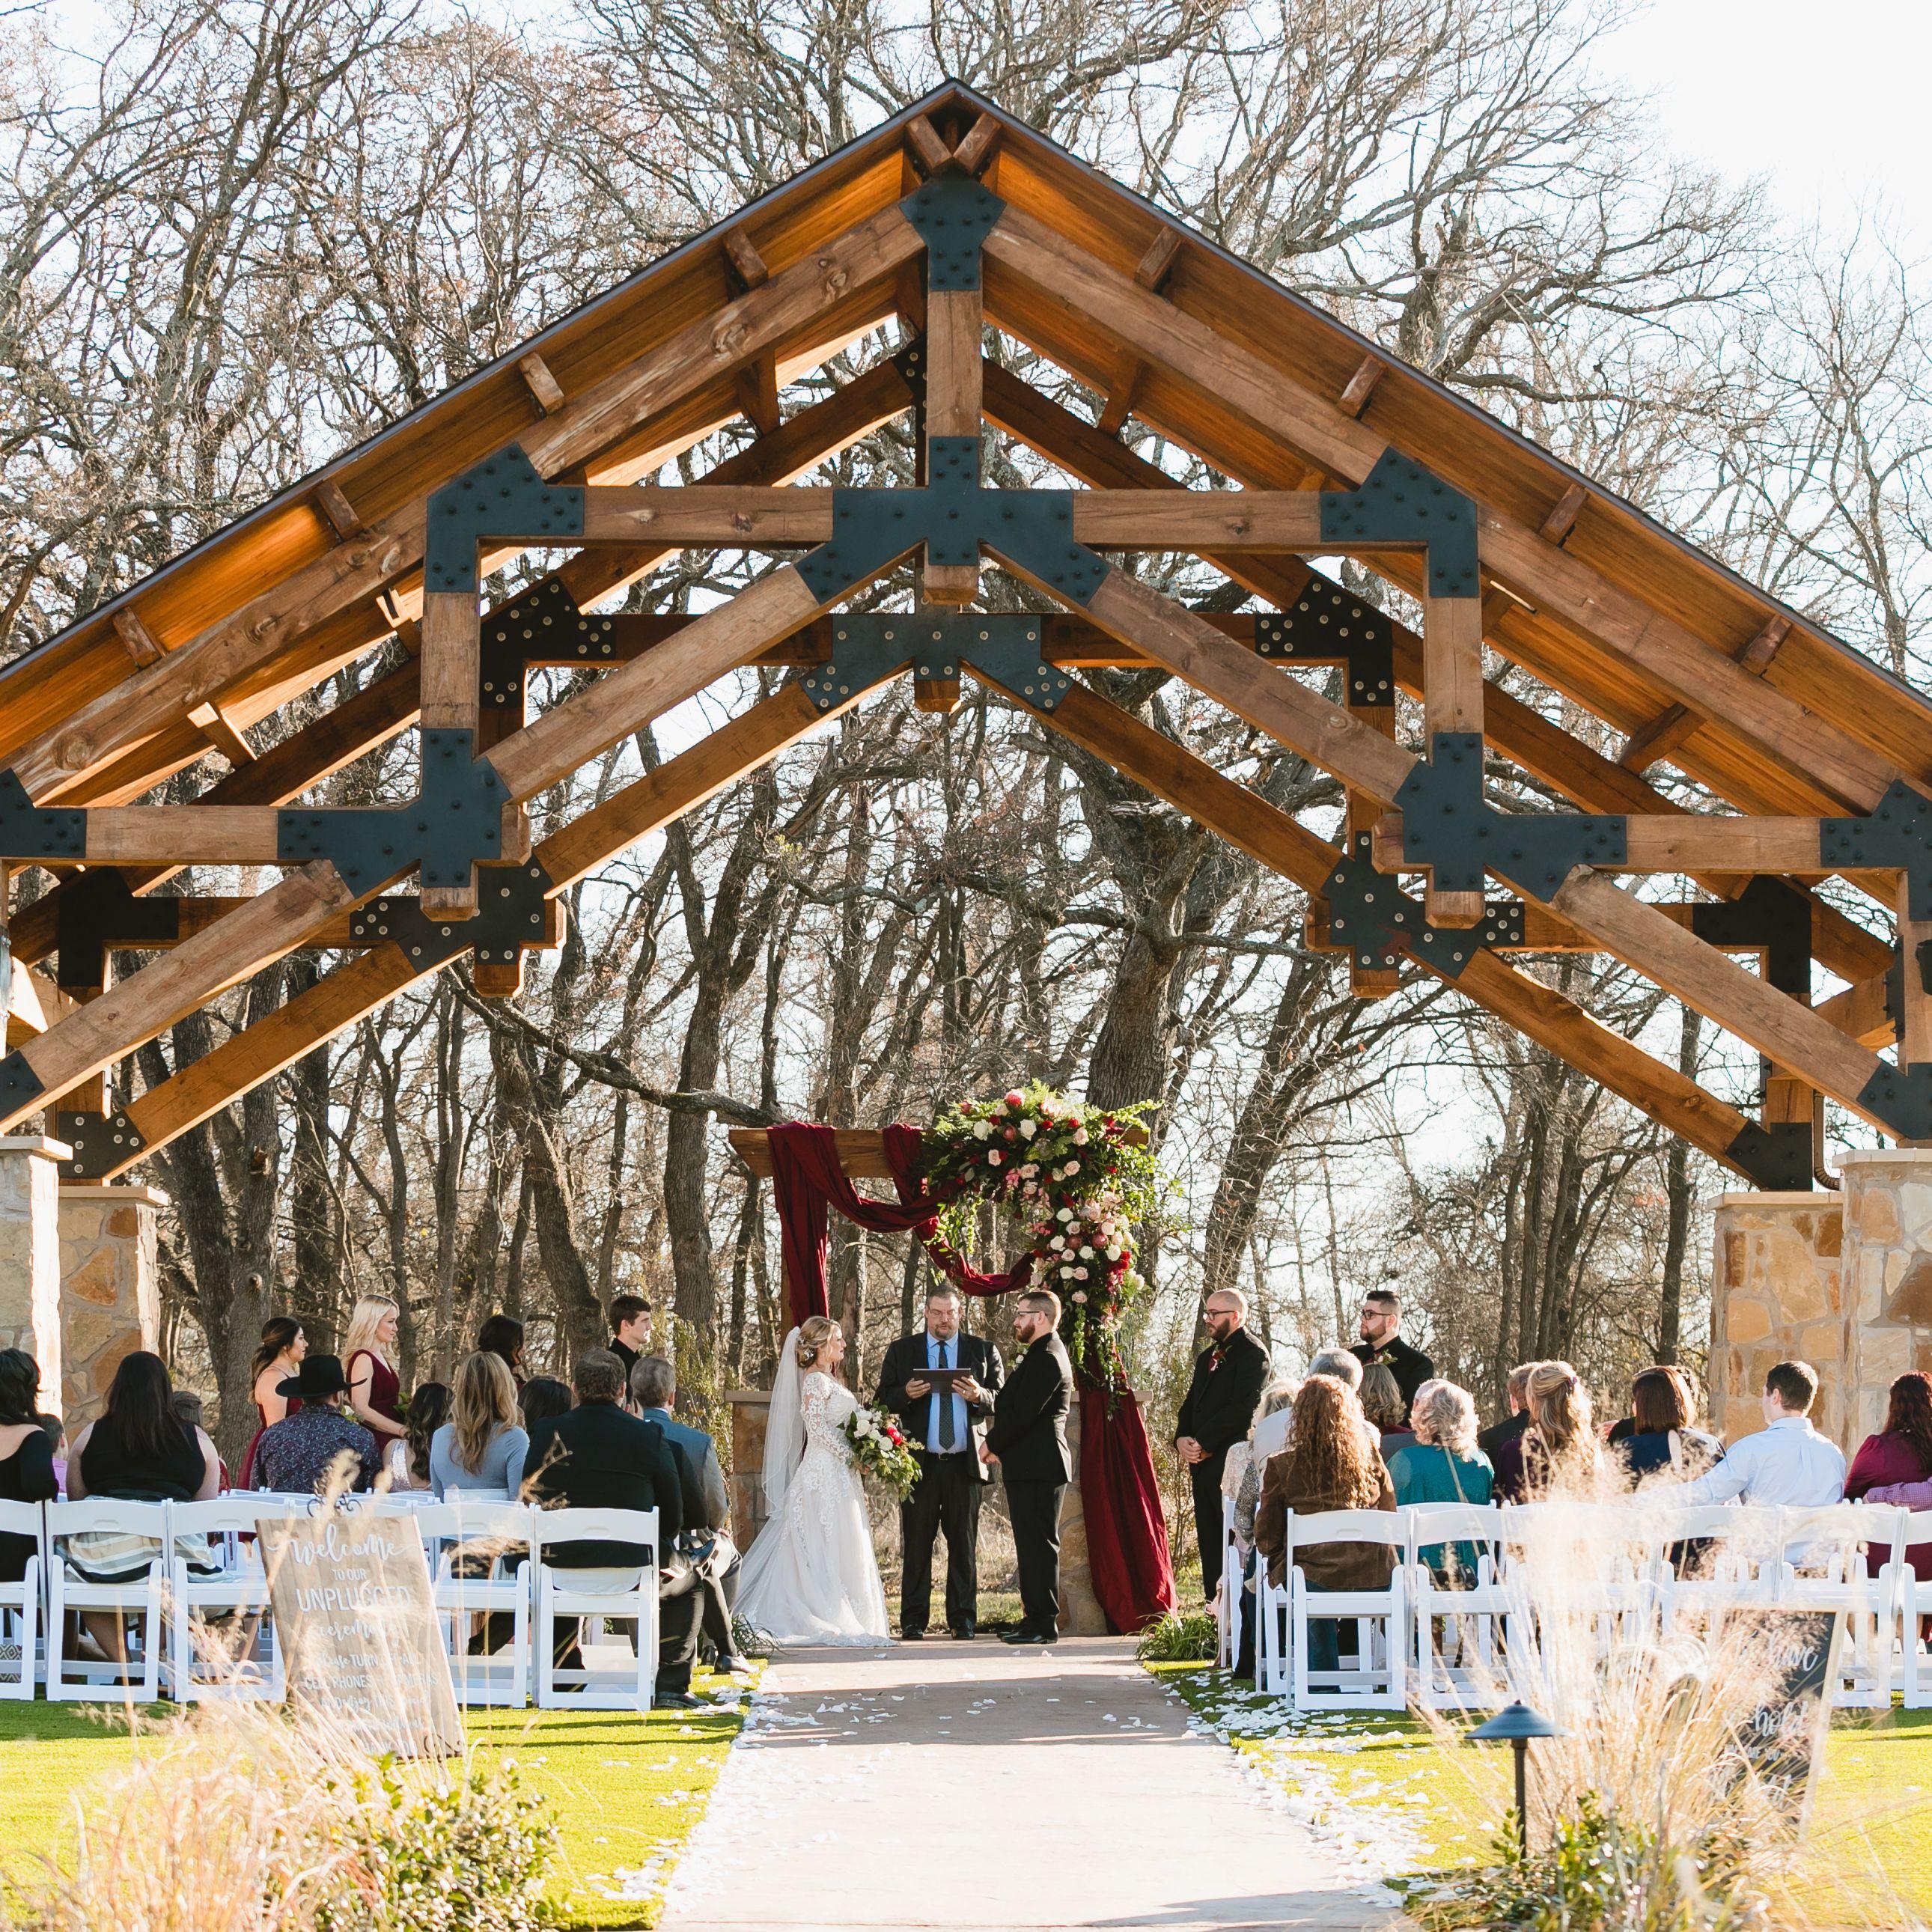 Alvarado Wedding Venue in 2020 | Modern wedding ...